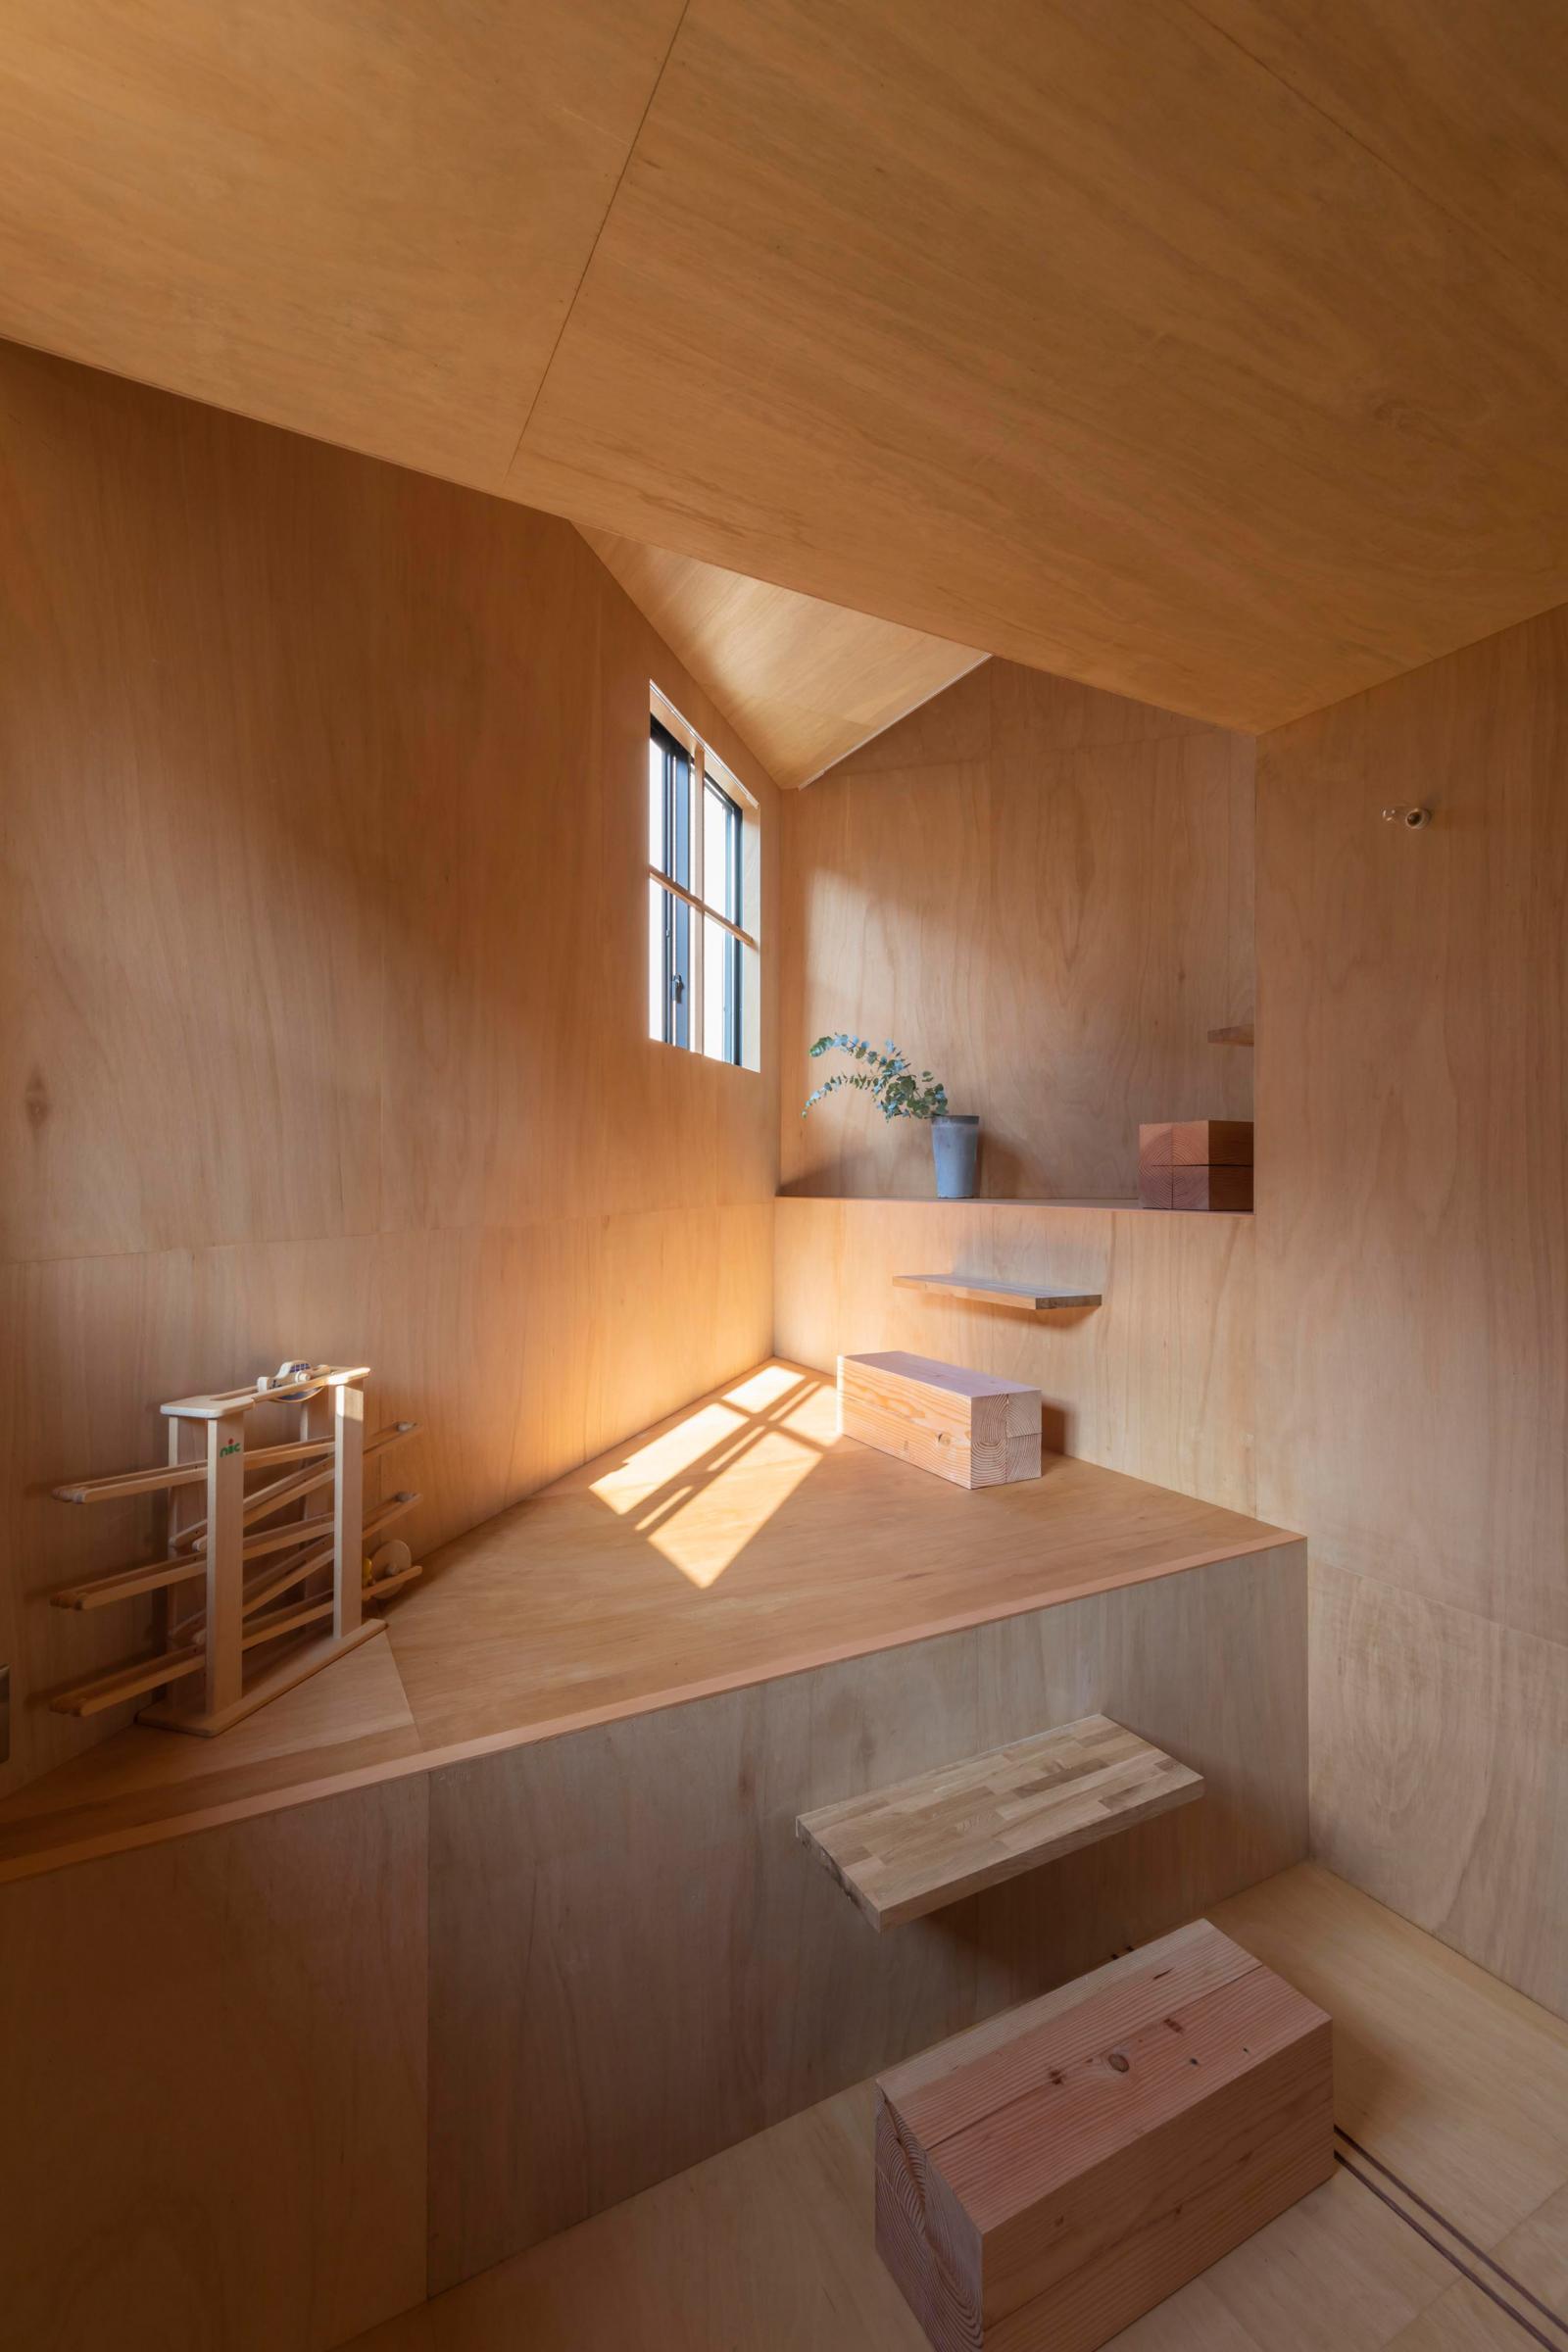 Hình ảnh cận cảnh các bậc gỗ kết nối cao độ sàn khác nhau trong nhà Nhật